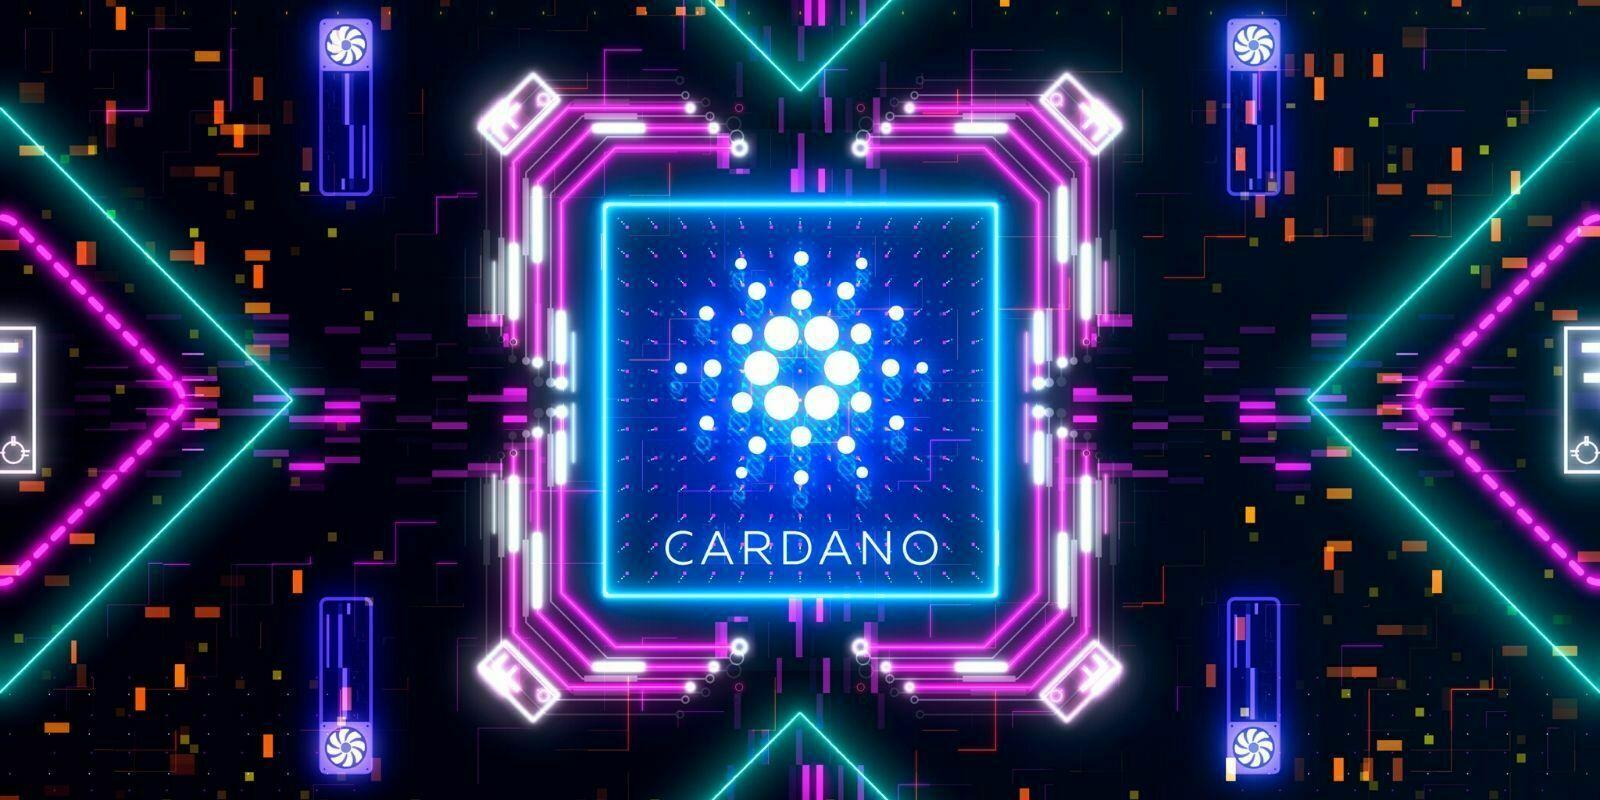 Cardano : une micropuce en vue pour l'utilisation hors ligne de la blockchain